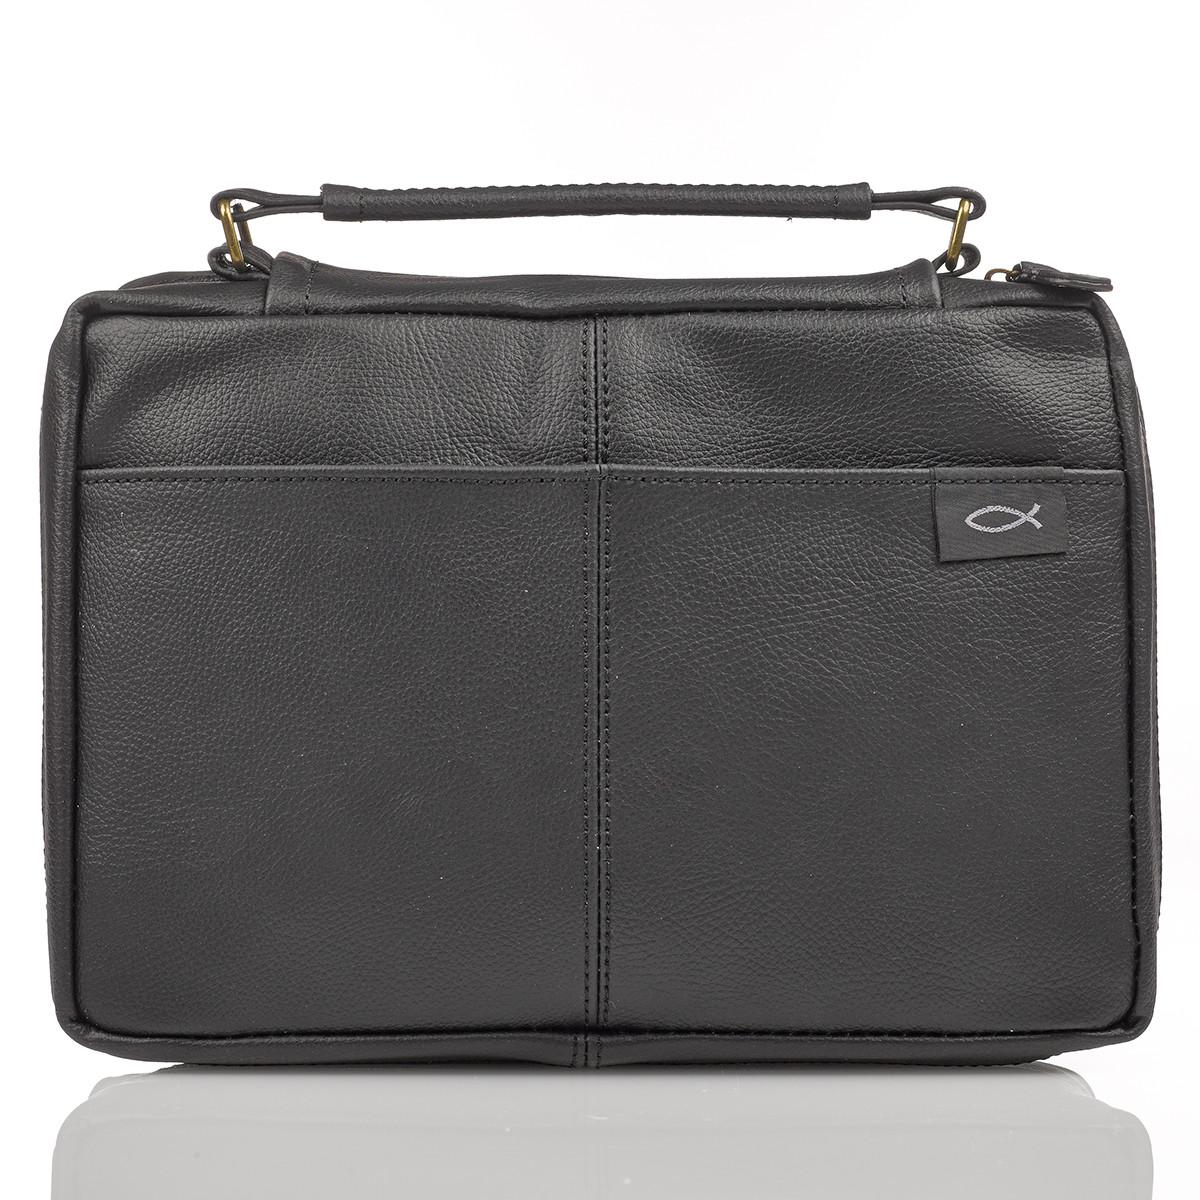 Chrisart gen leather black